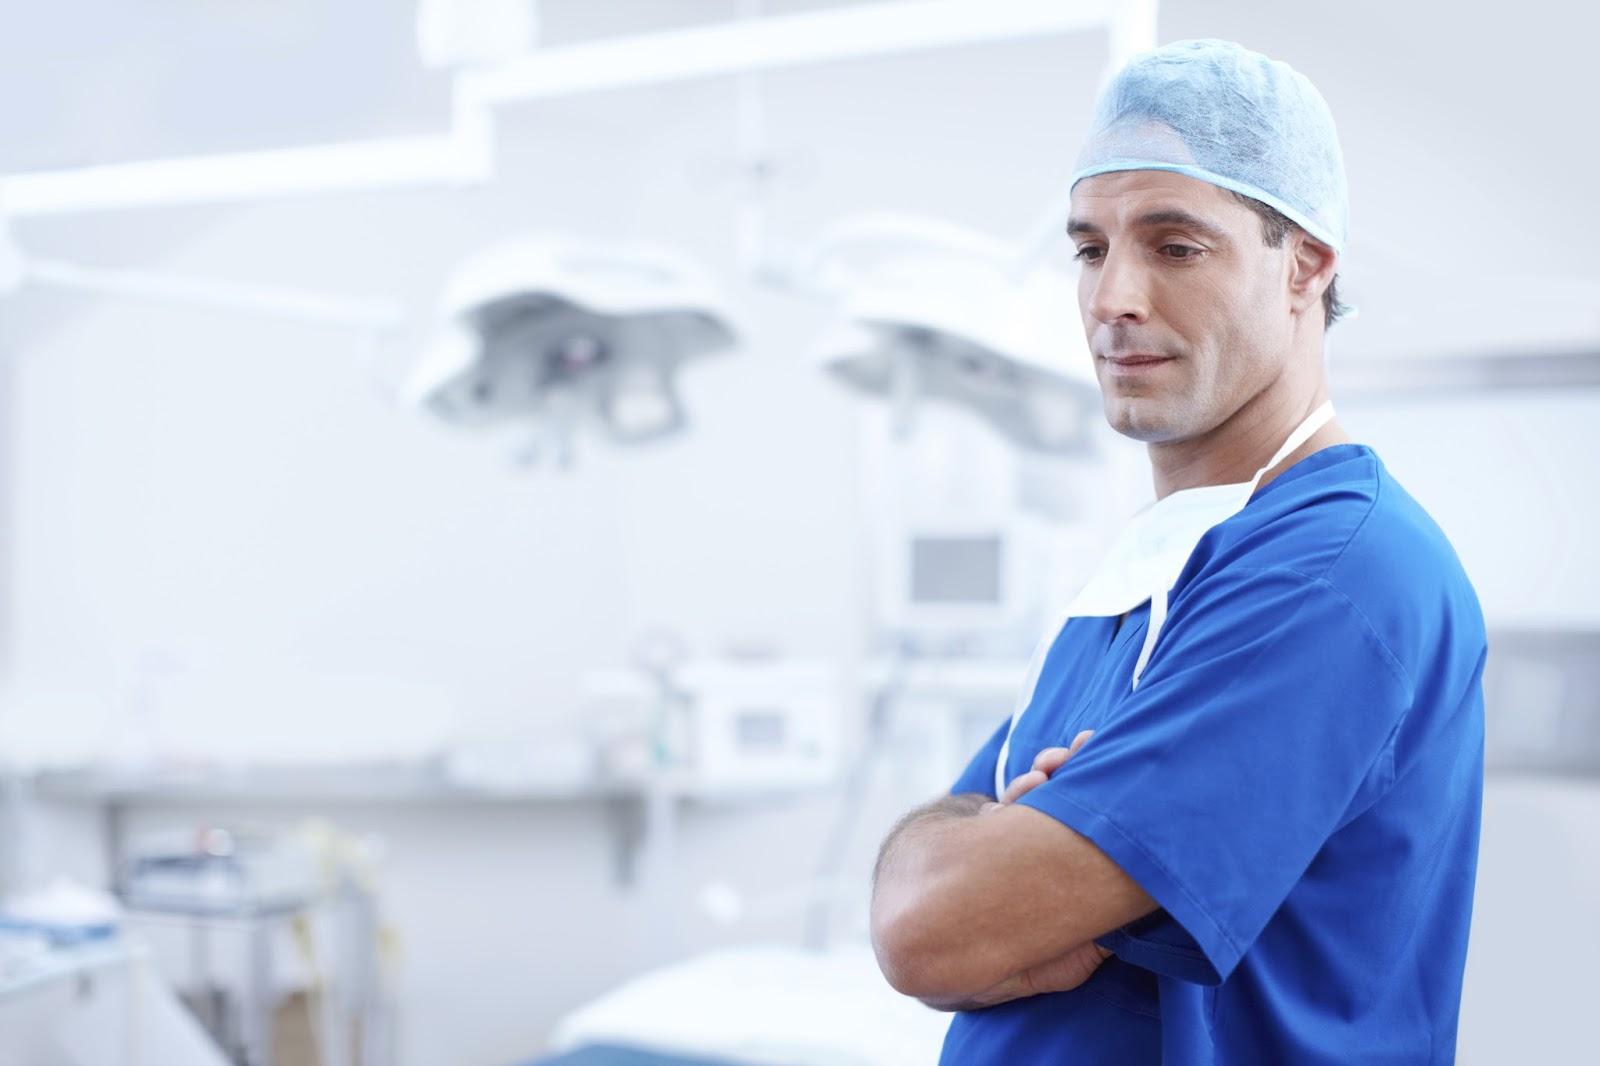 7 pomysłów jak lekarze mogą poprawić reputację online